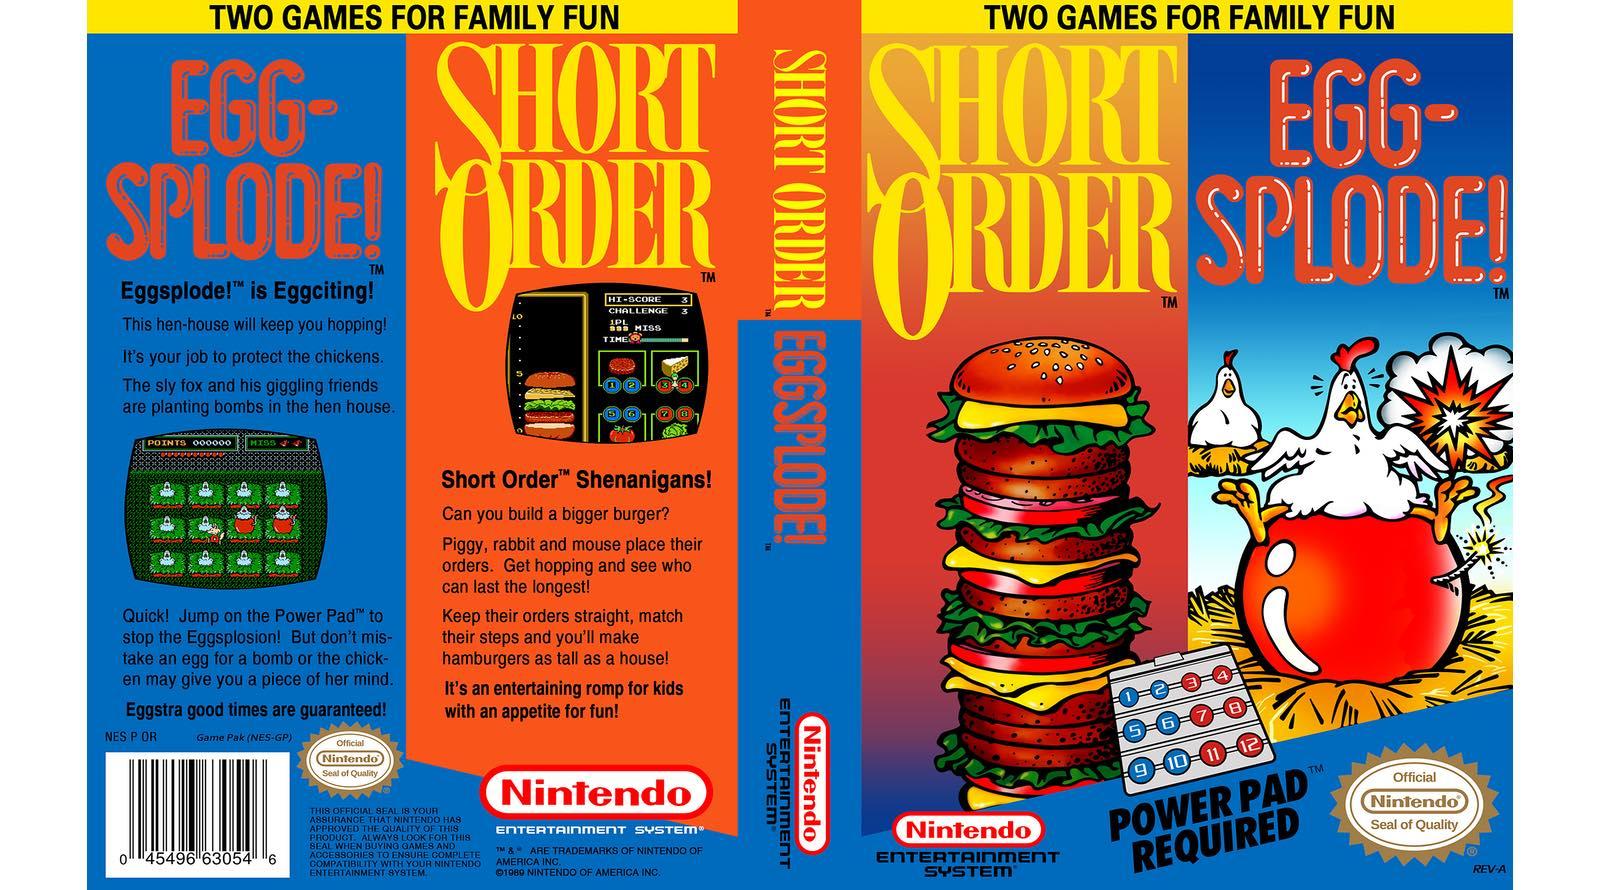 feat-short-order-eggsplode